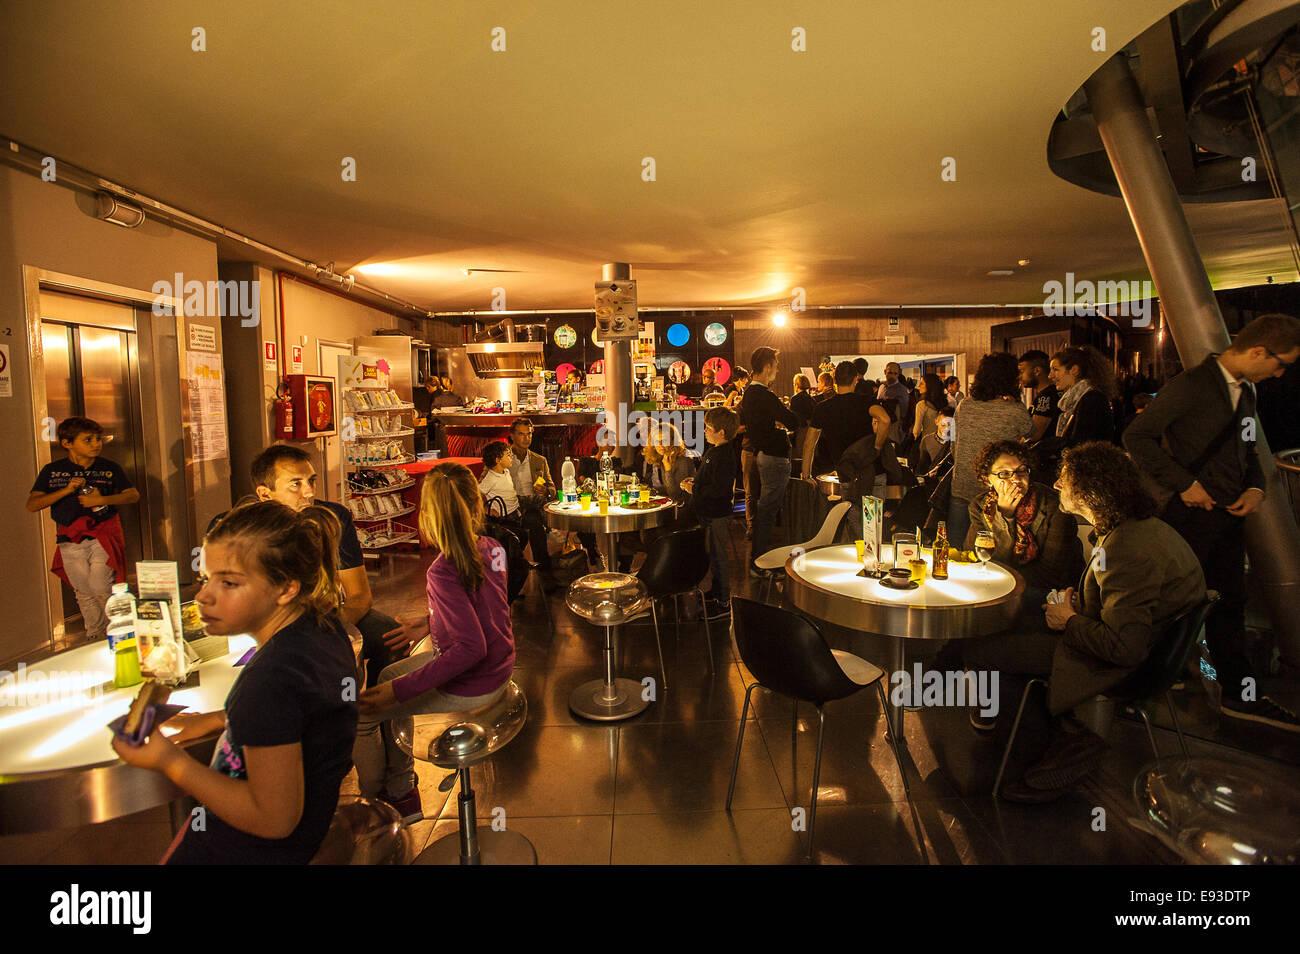 Italia Turín Piamonte Pino Torinese Inauguración de la nueva zona de museos del Museo de Turín planetario astronomía y espacio INFINI.Al 17 de octubre de 2014 - Cafetería Foto de stock